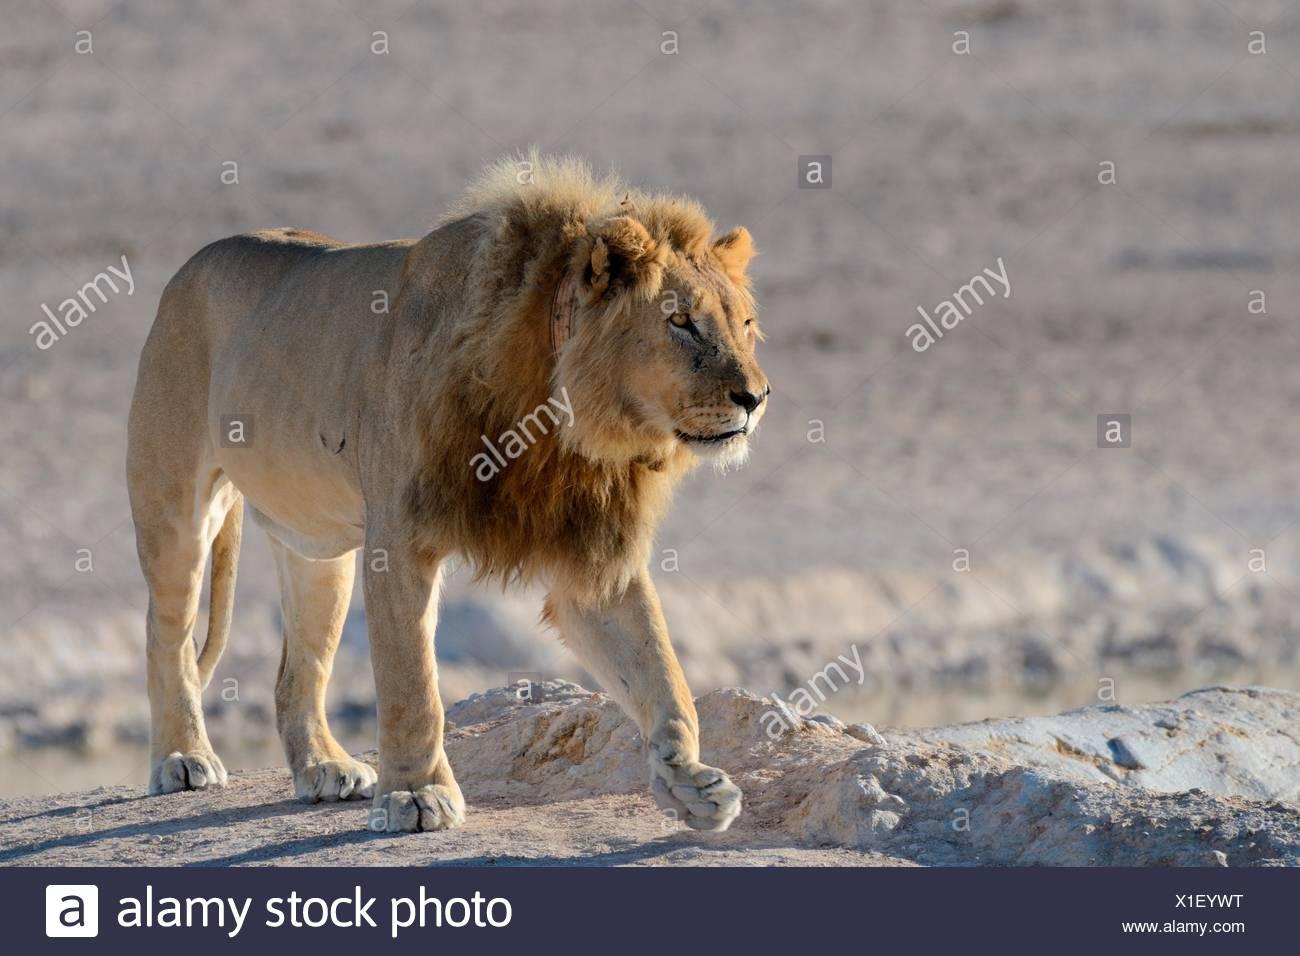 African lion (Panthera leo) with tracking collar, walking, Etosha Nationalpark, Namibia - Stock Image